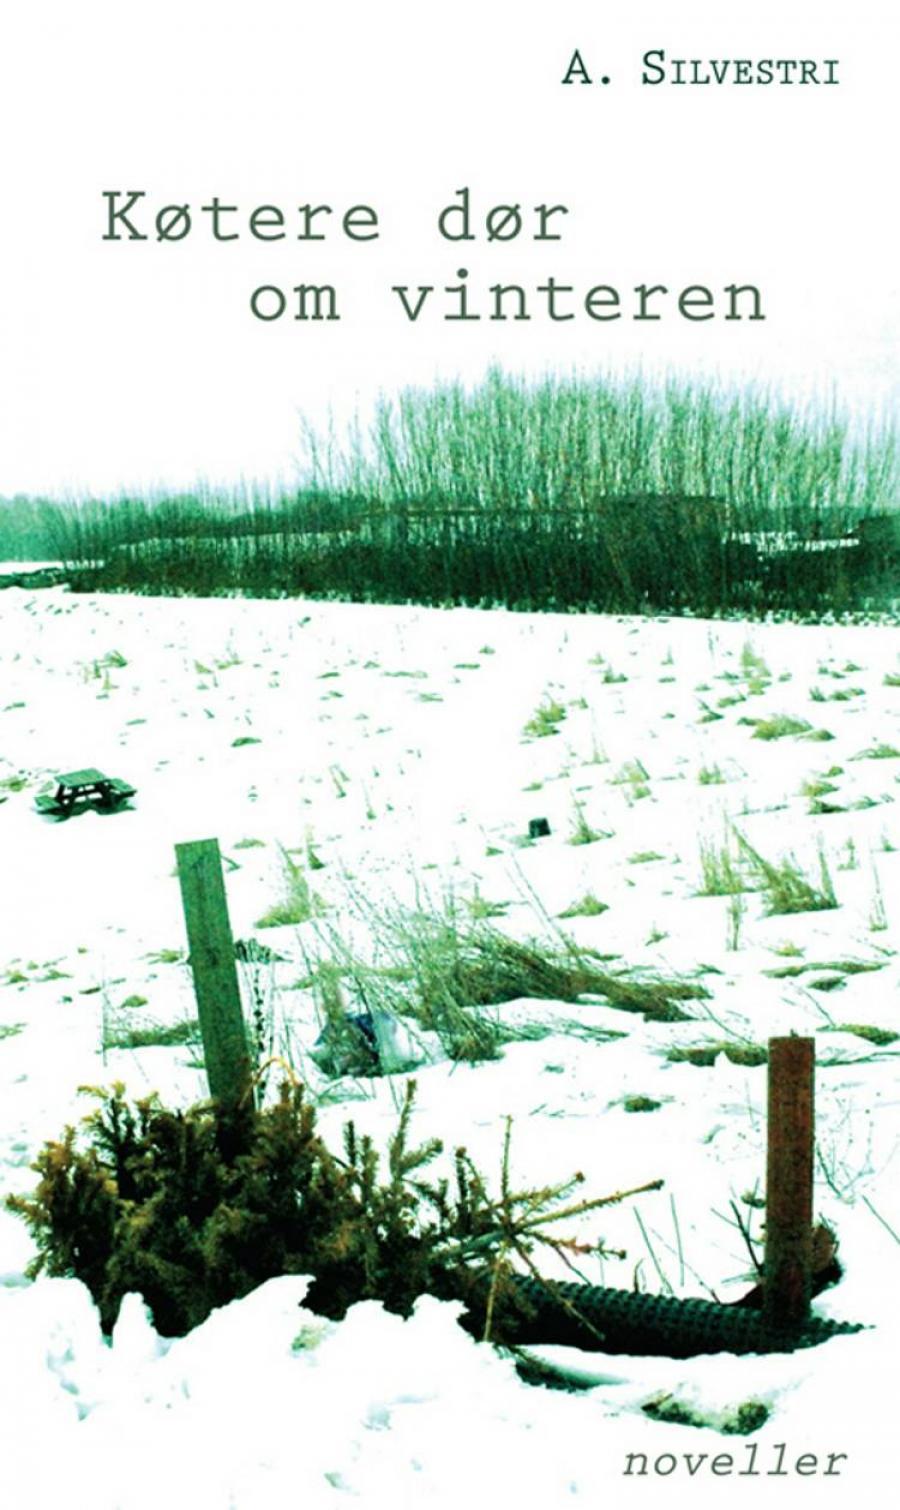 Køtere dør om vinteren af A. Silvestri